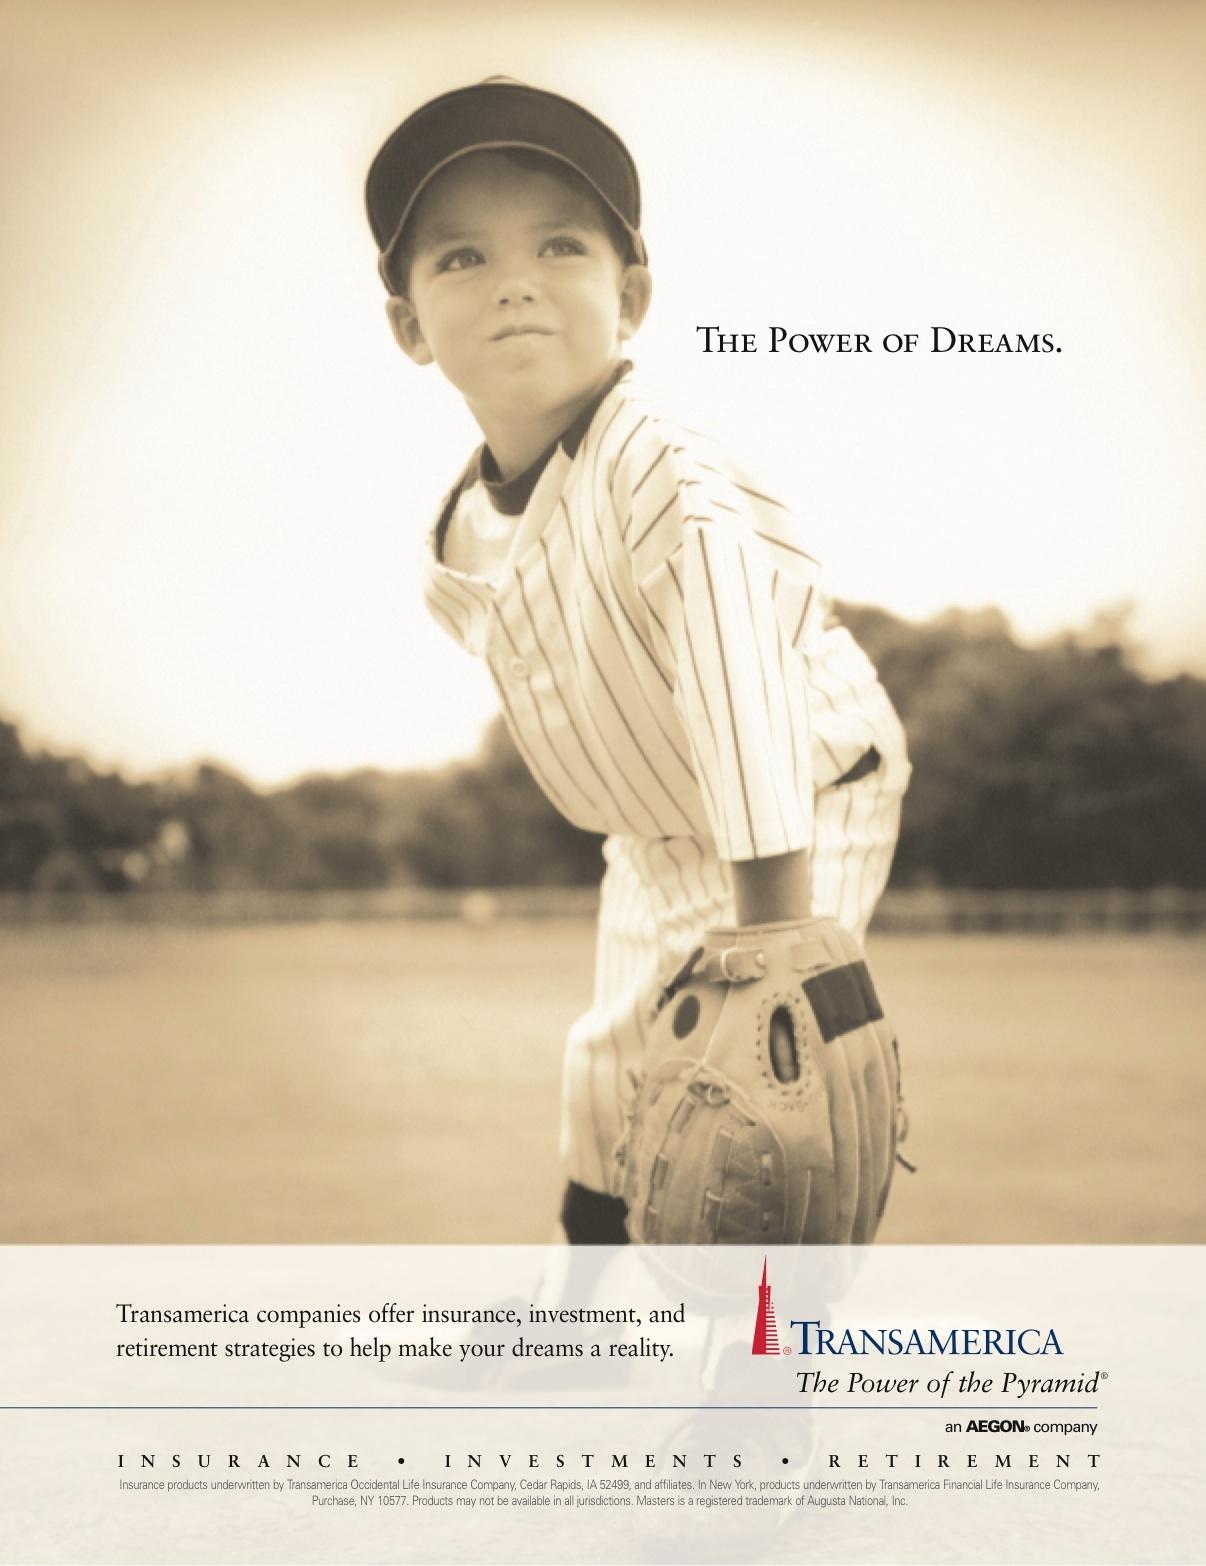 Baseball Dreams Kid.jpeg